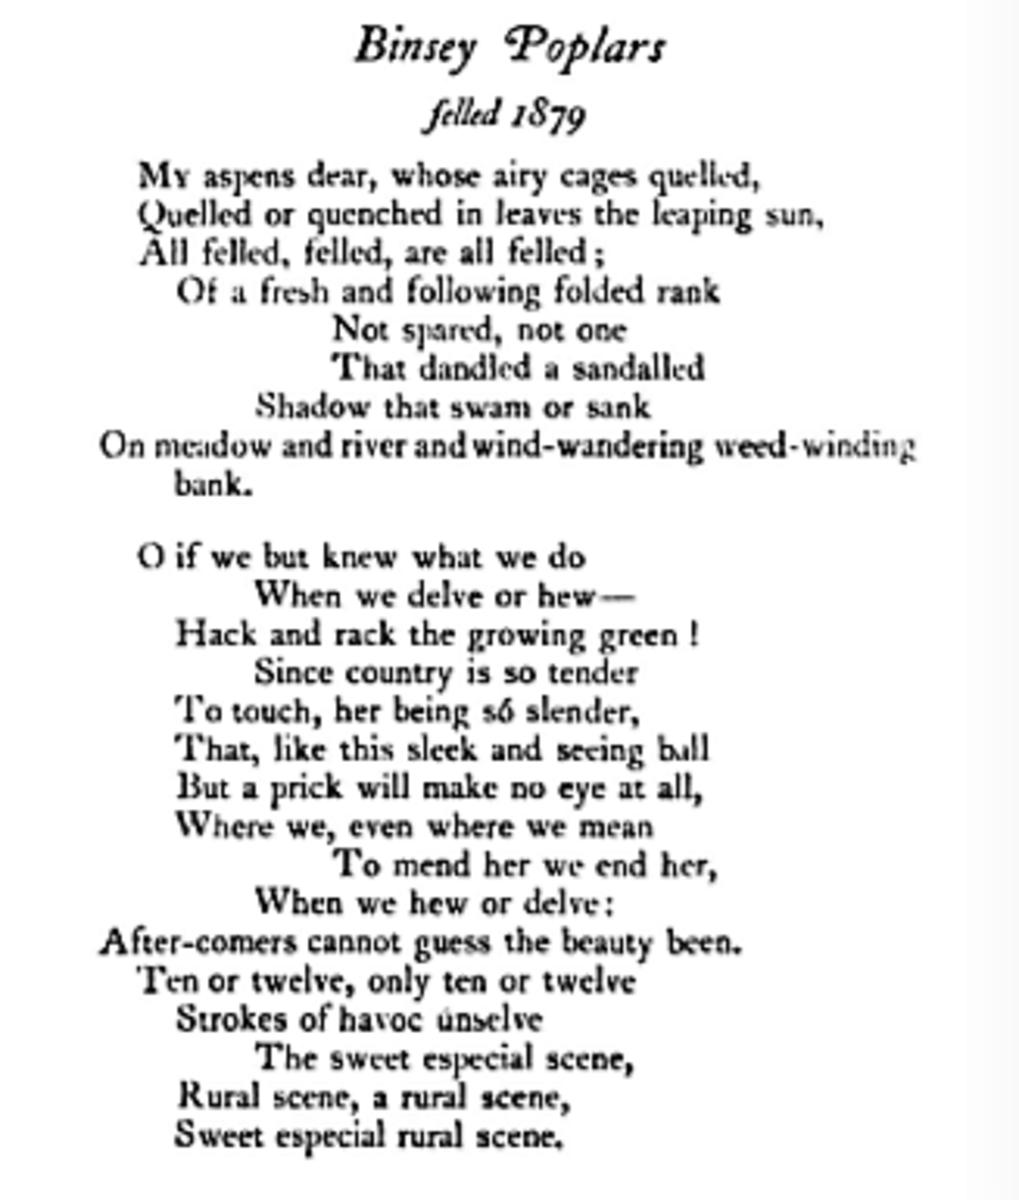 analysis-of-poem-binsey-poplars-by-gerard-manley-hopkins